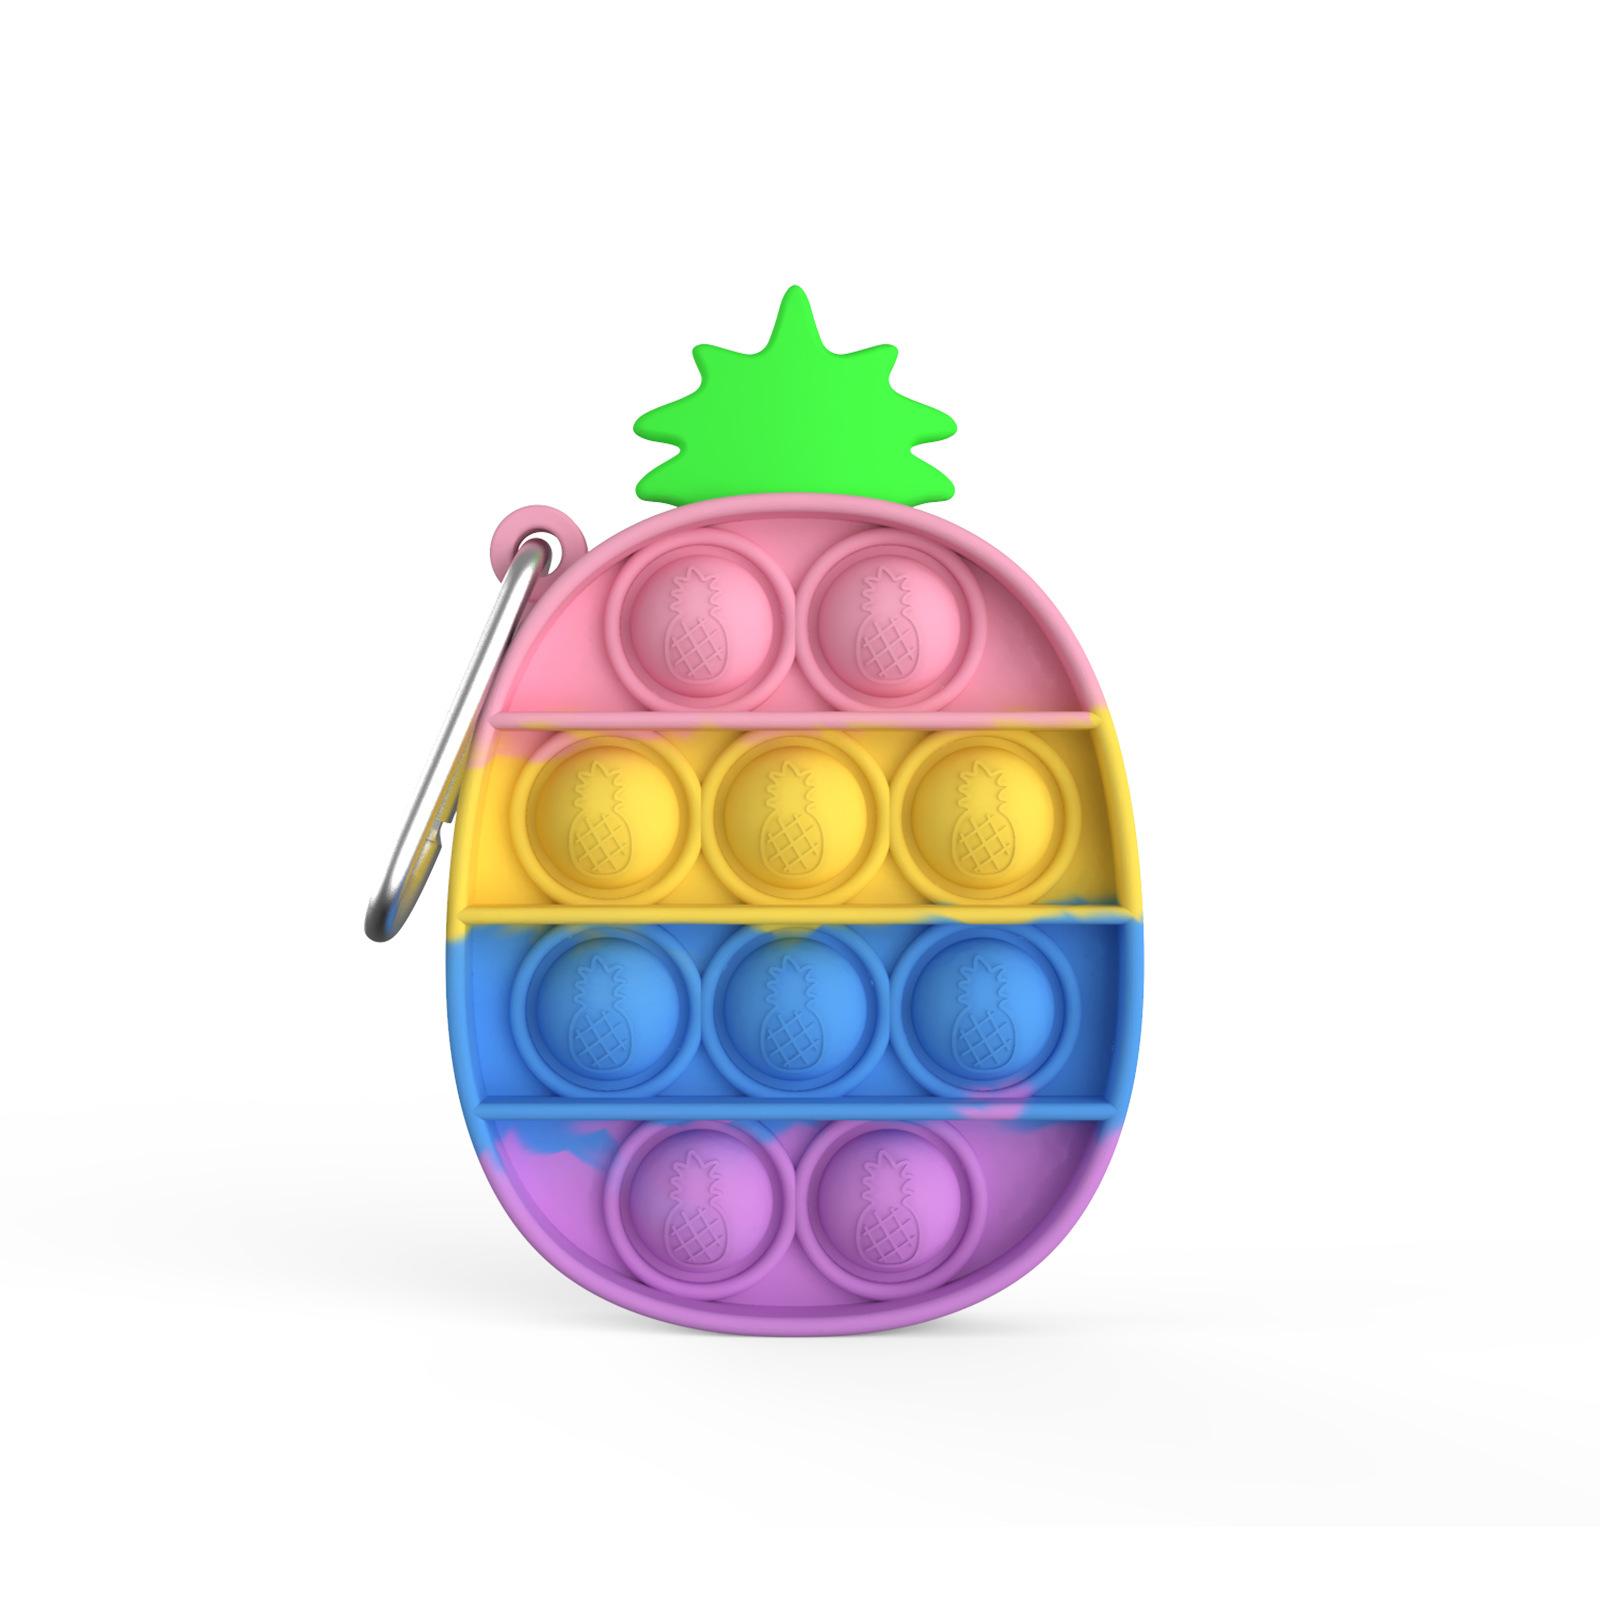 Đồ chơi bóp bong bóng thiết kế dạng móc khóa vui nhộn tiện lợi